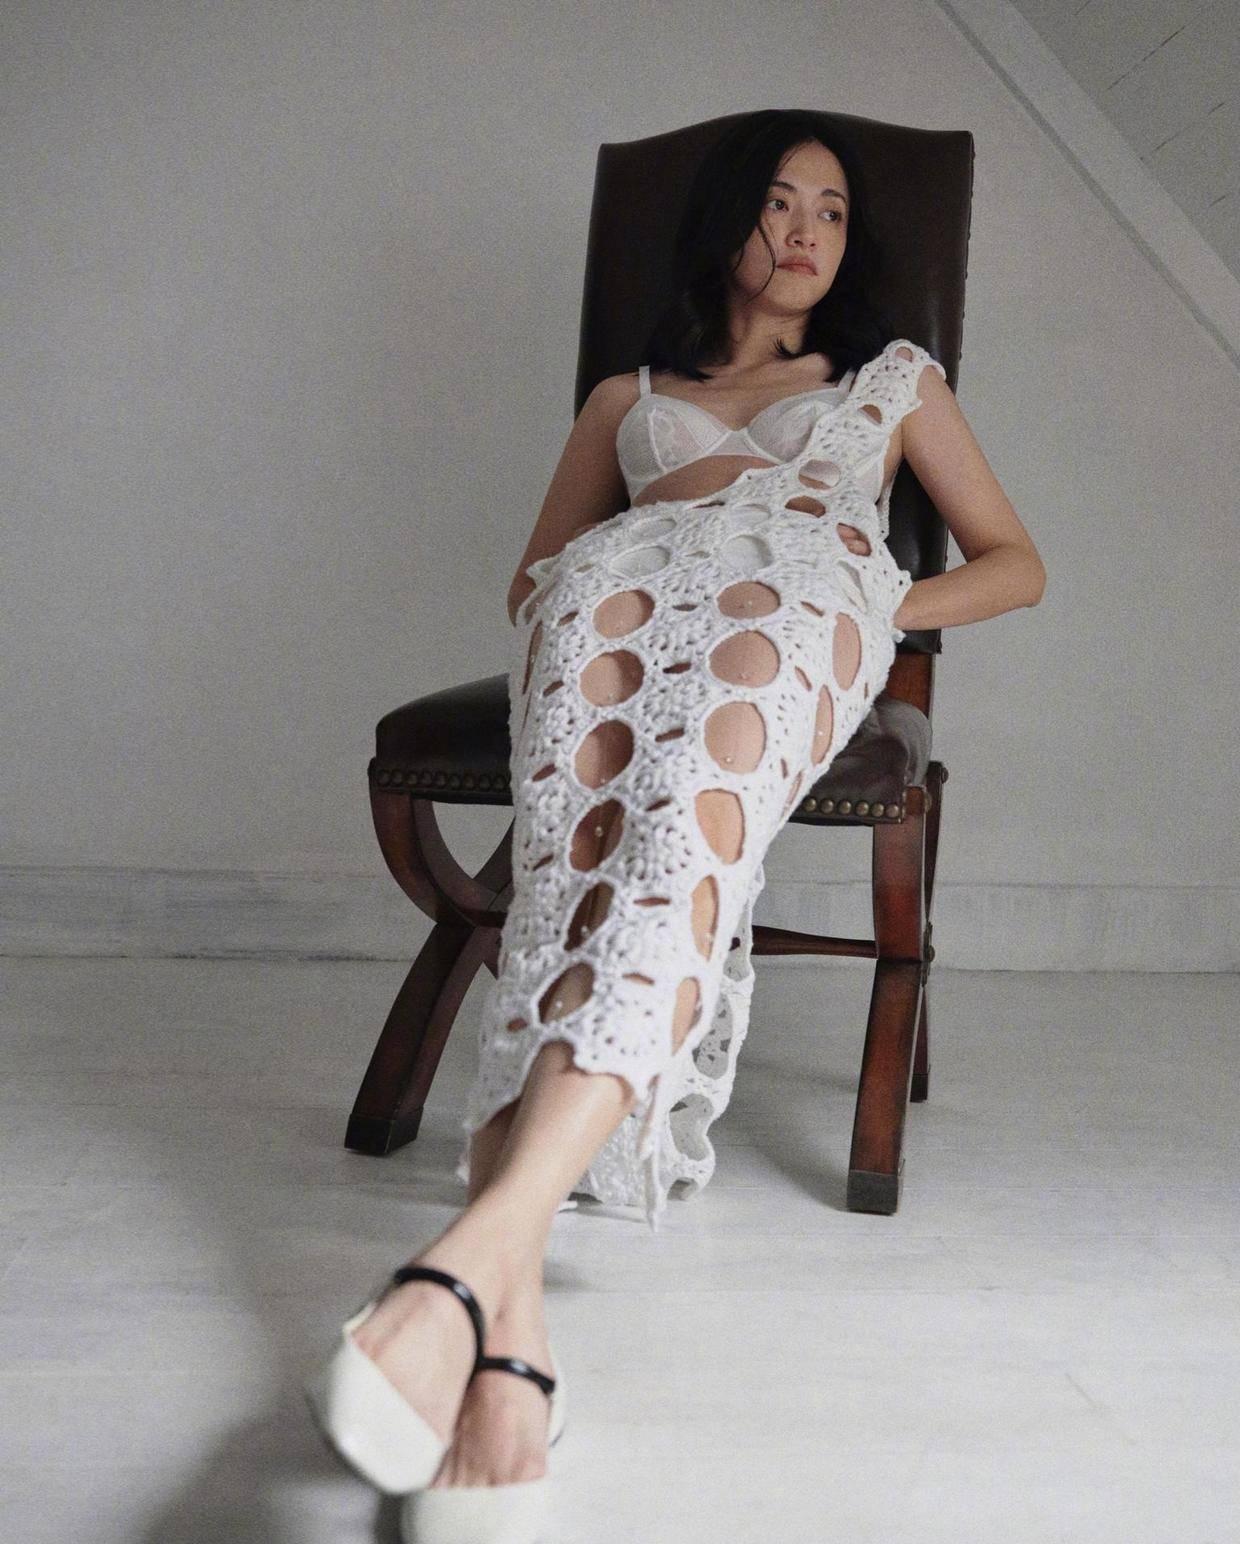 原创             姚晨为了显嫩拼了!印花卫衣搭配牛仔裙,41岁秒变成21岁美少女